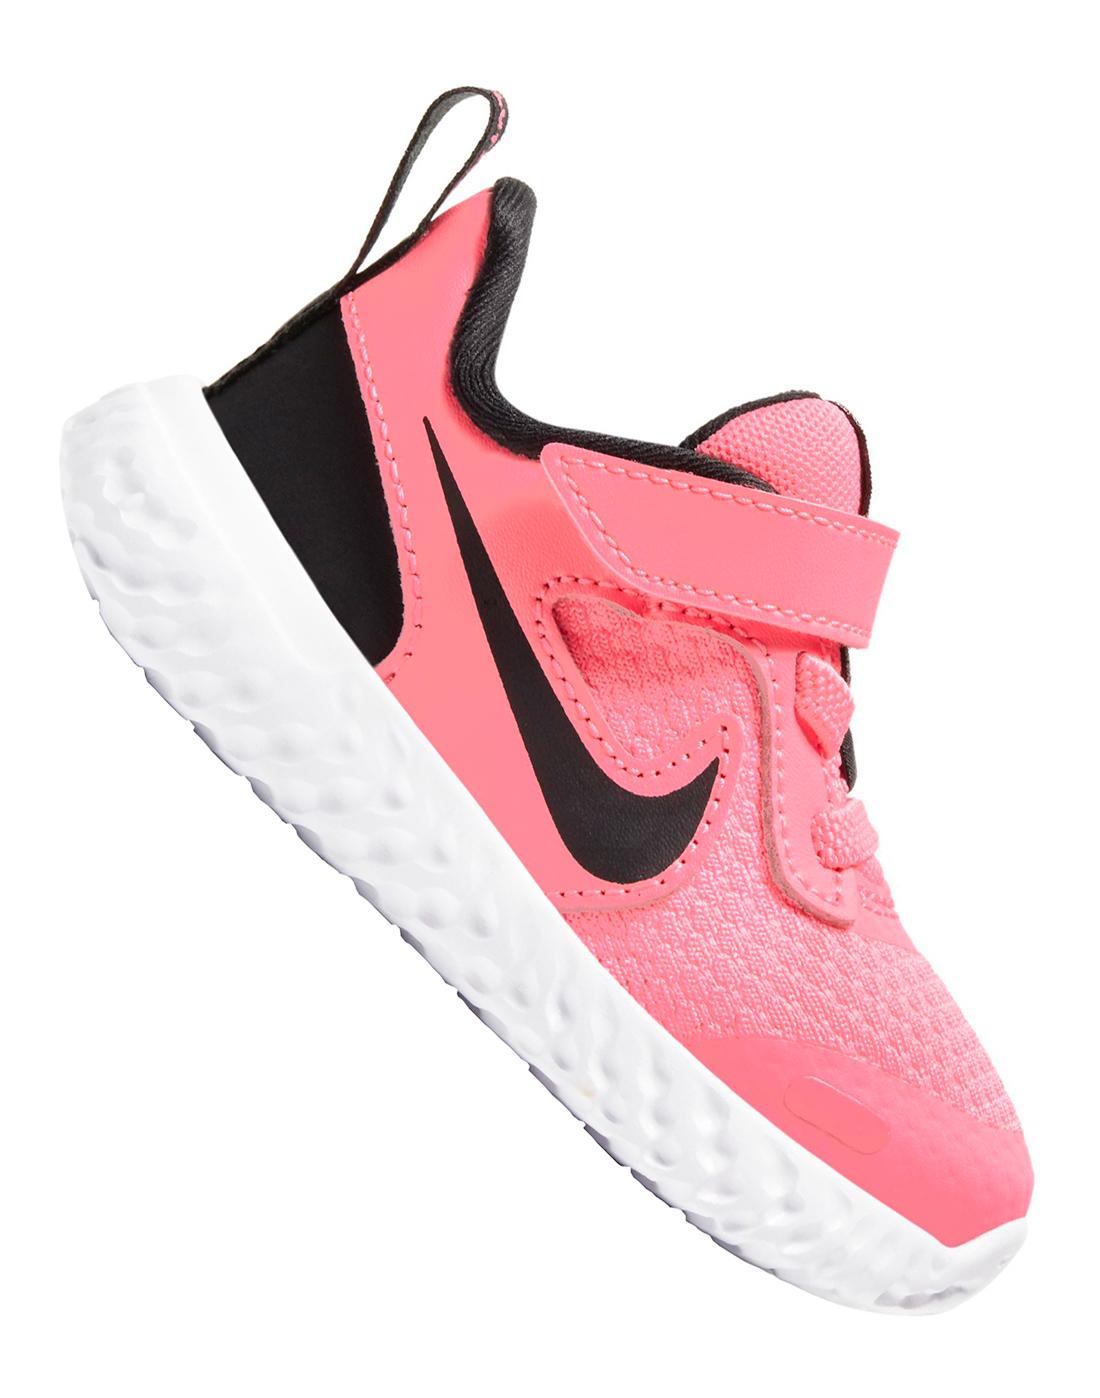 Nike Infants Revolution - Pink | Life